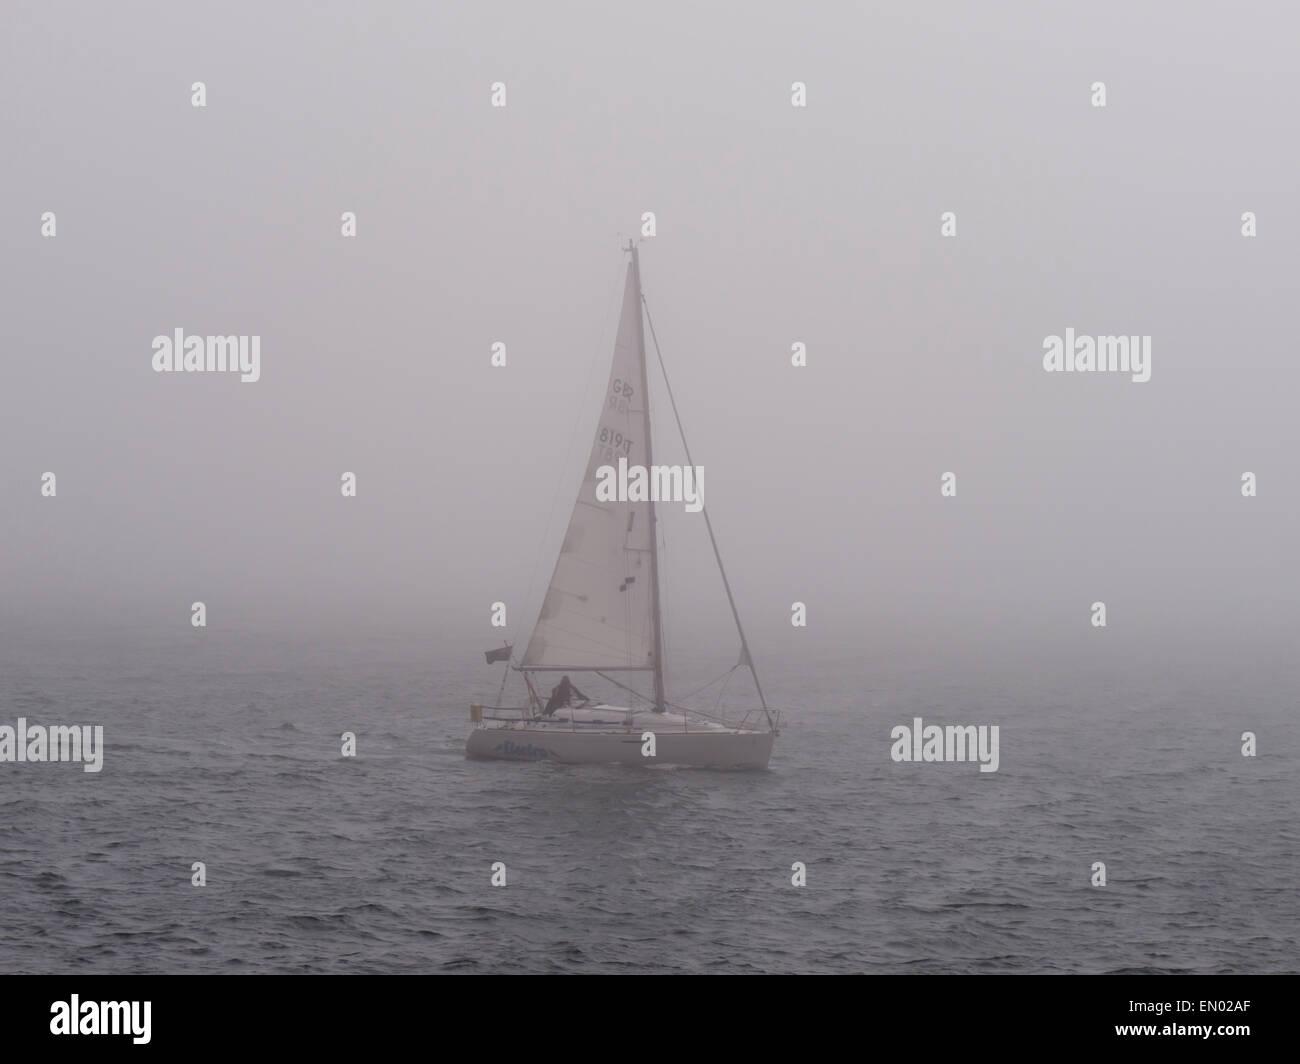 europe, uk, england, devon, Exe estuary fog - Stock Image